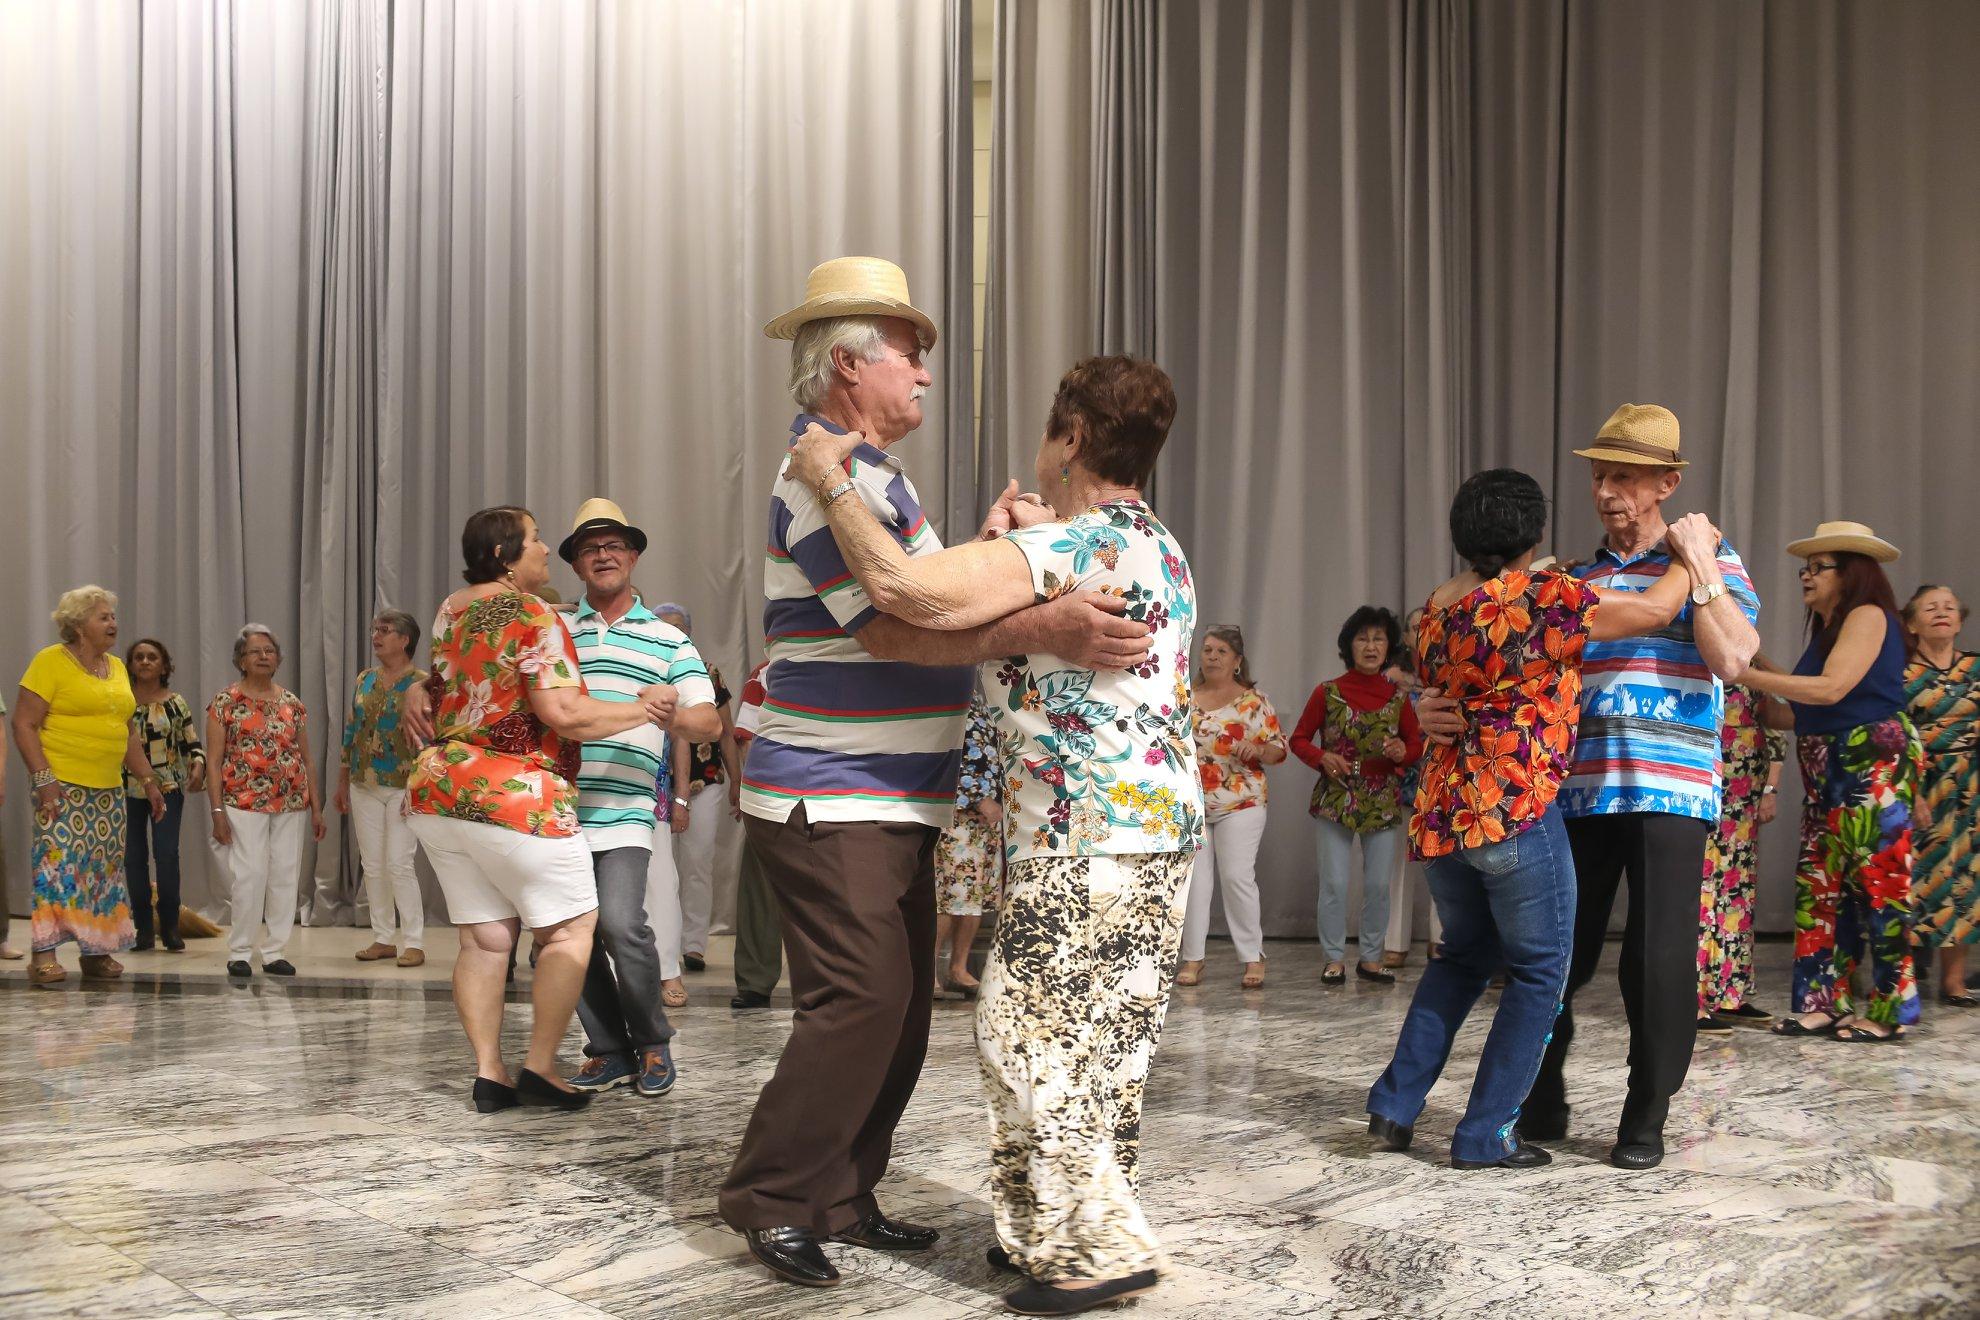 Show de Danças e Evolução da Melhor Idade